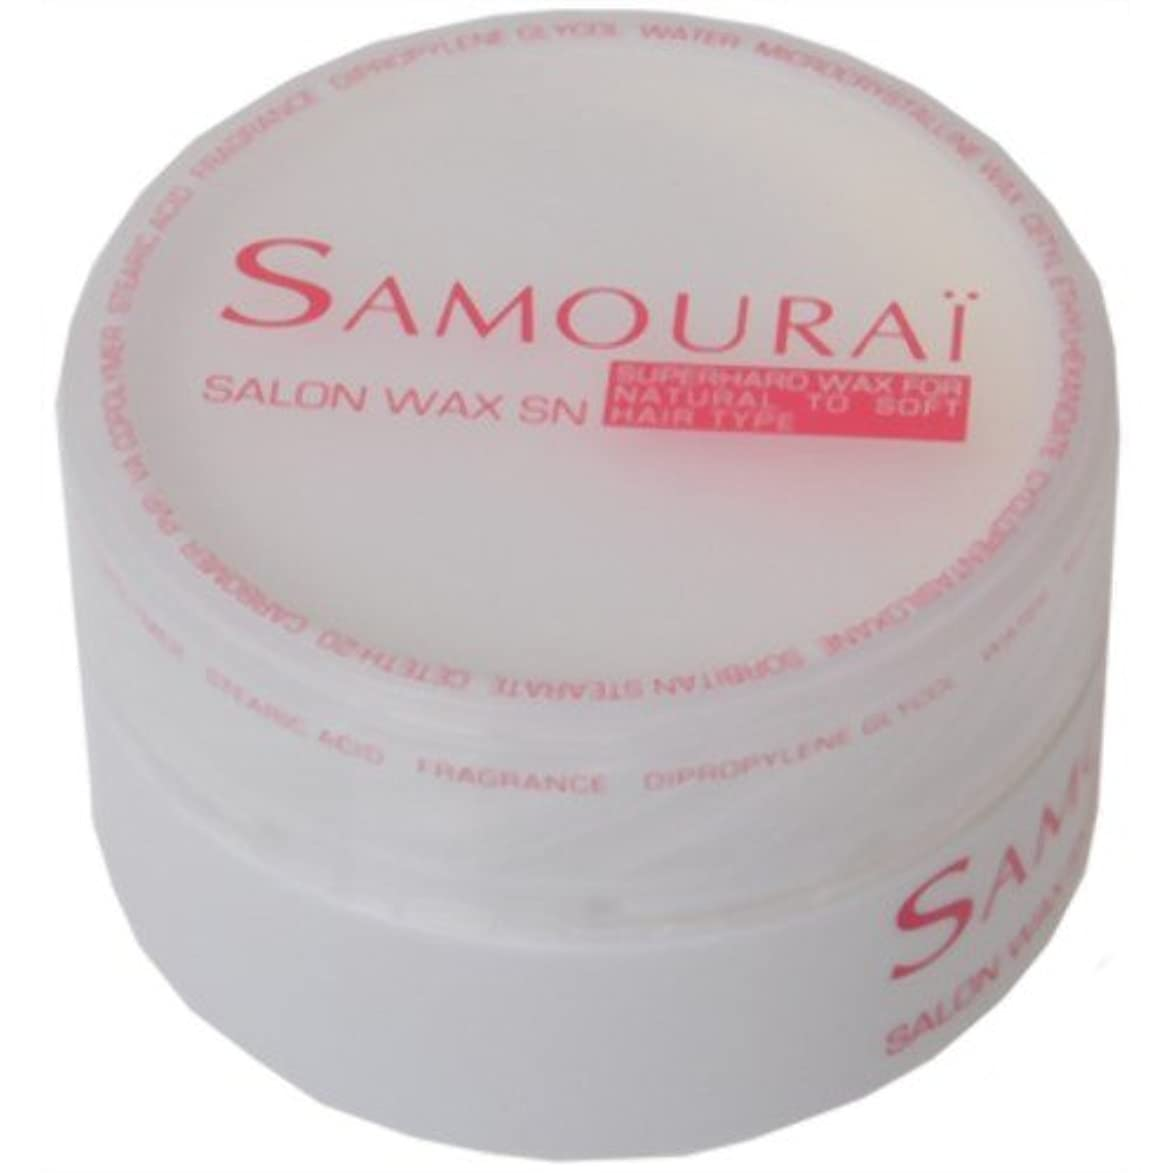 意図的排泄物ながらサムライ サロンワックス SN 80g